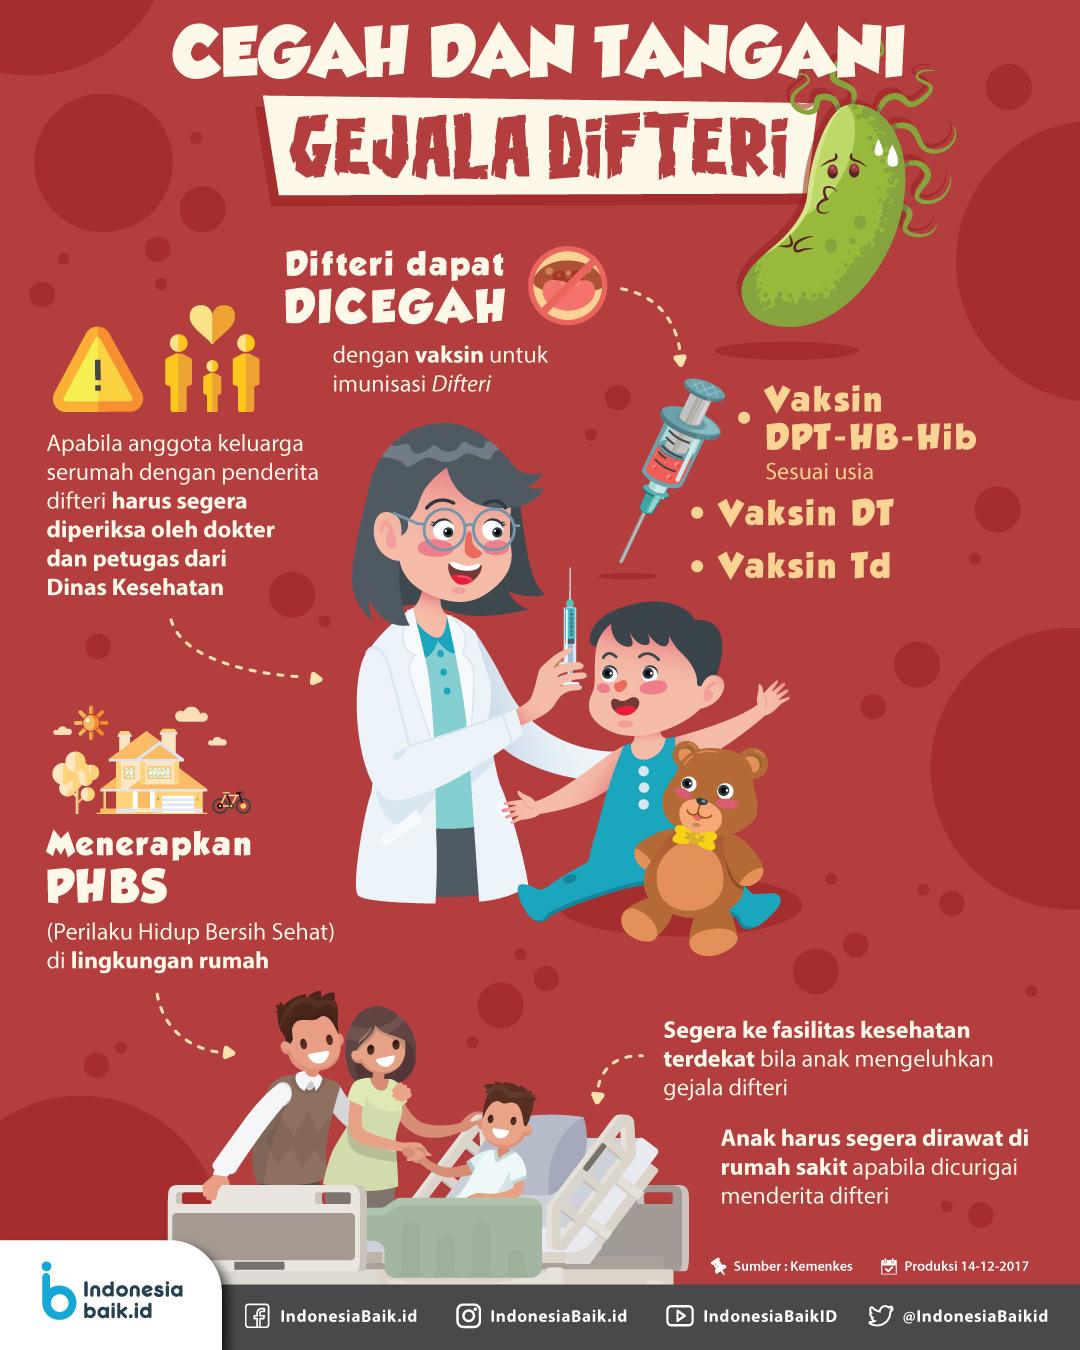 Cegah dan Tangani Gejala Difteri